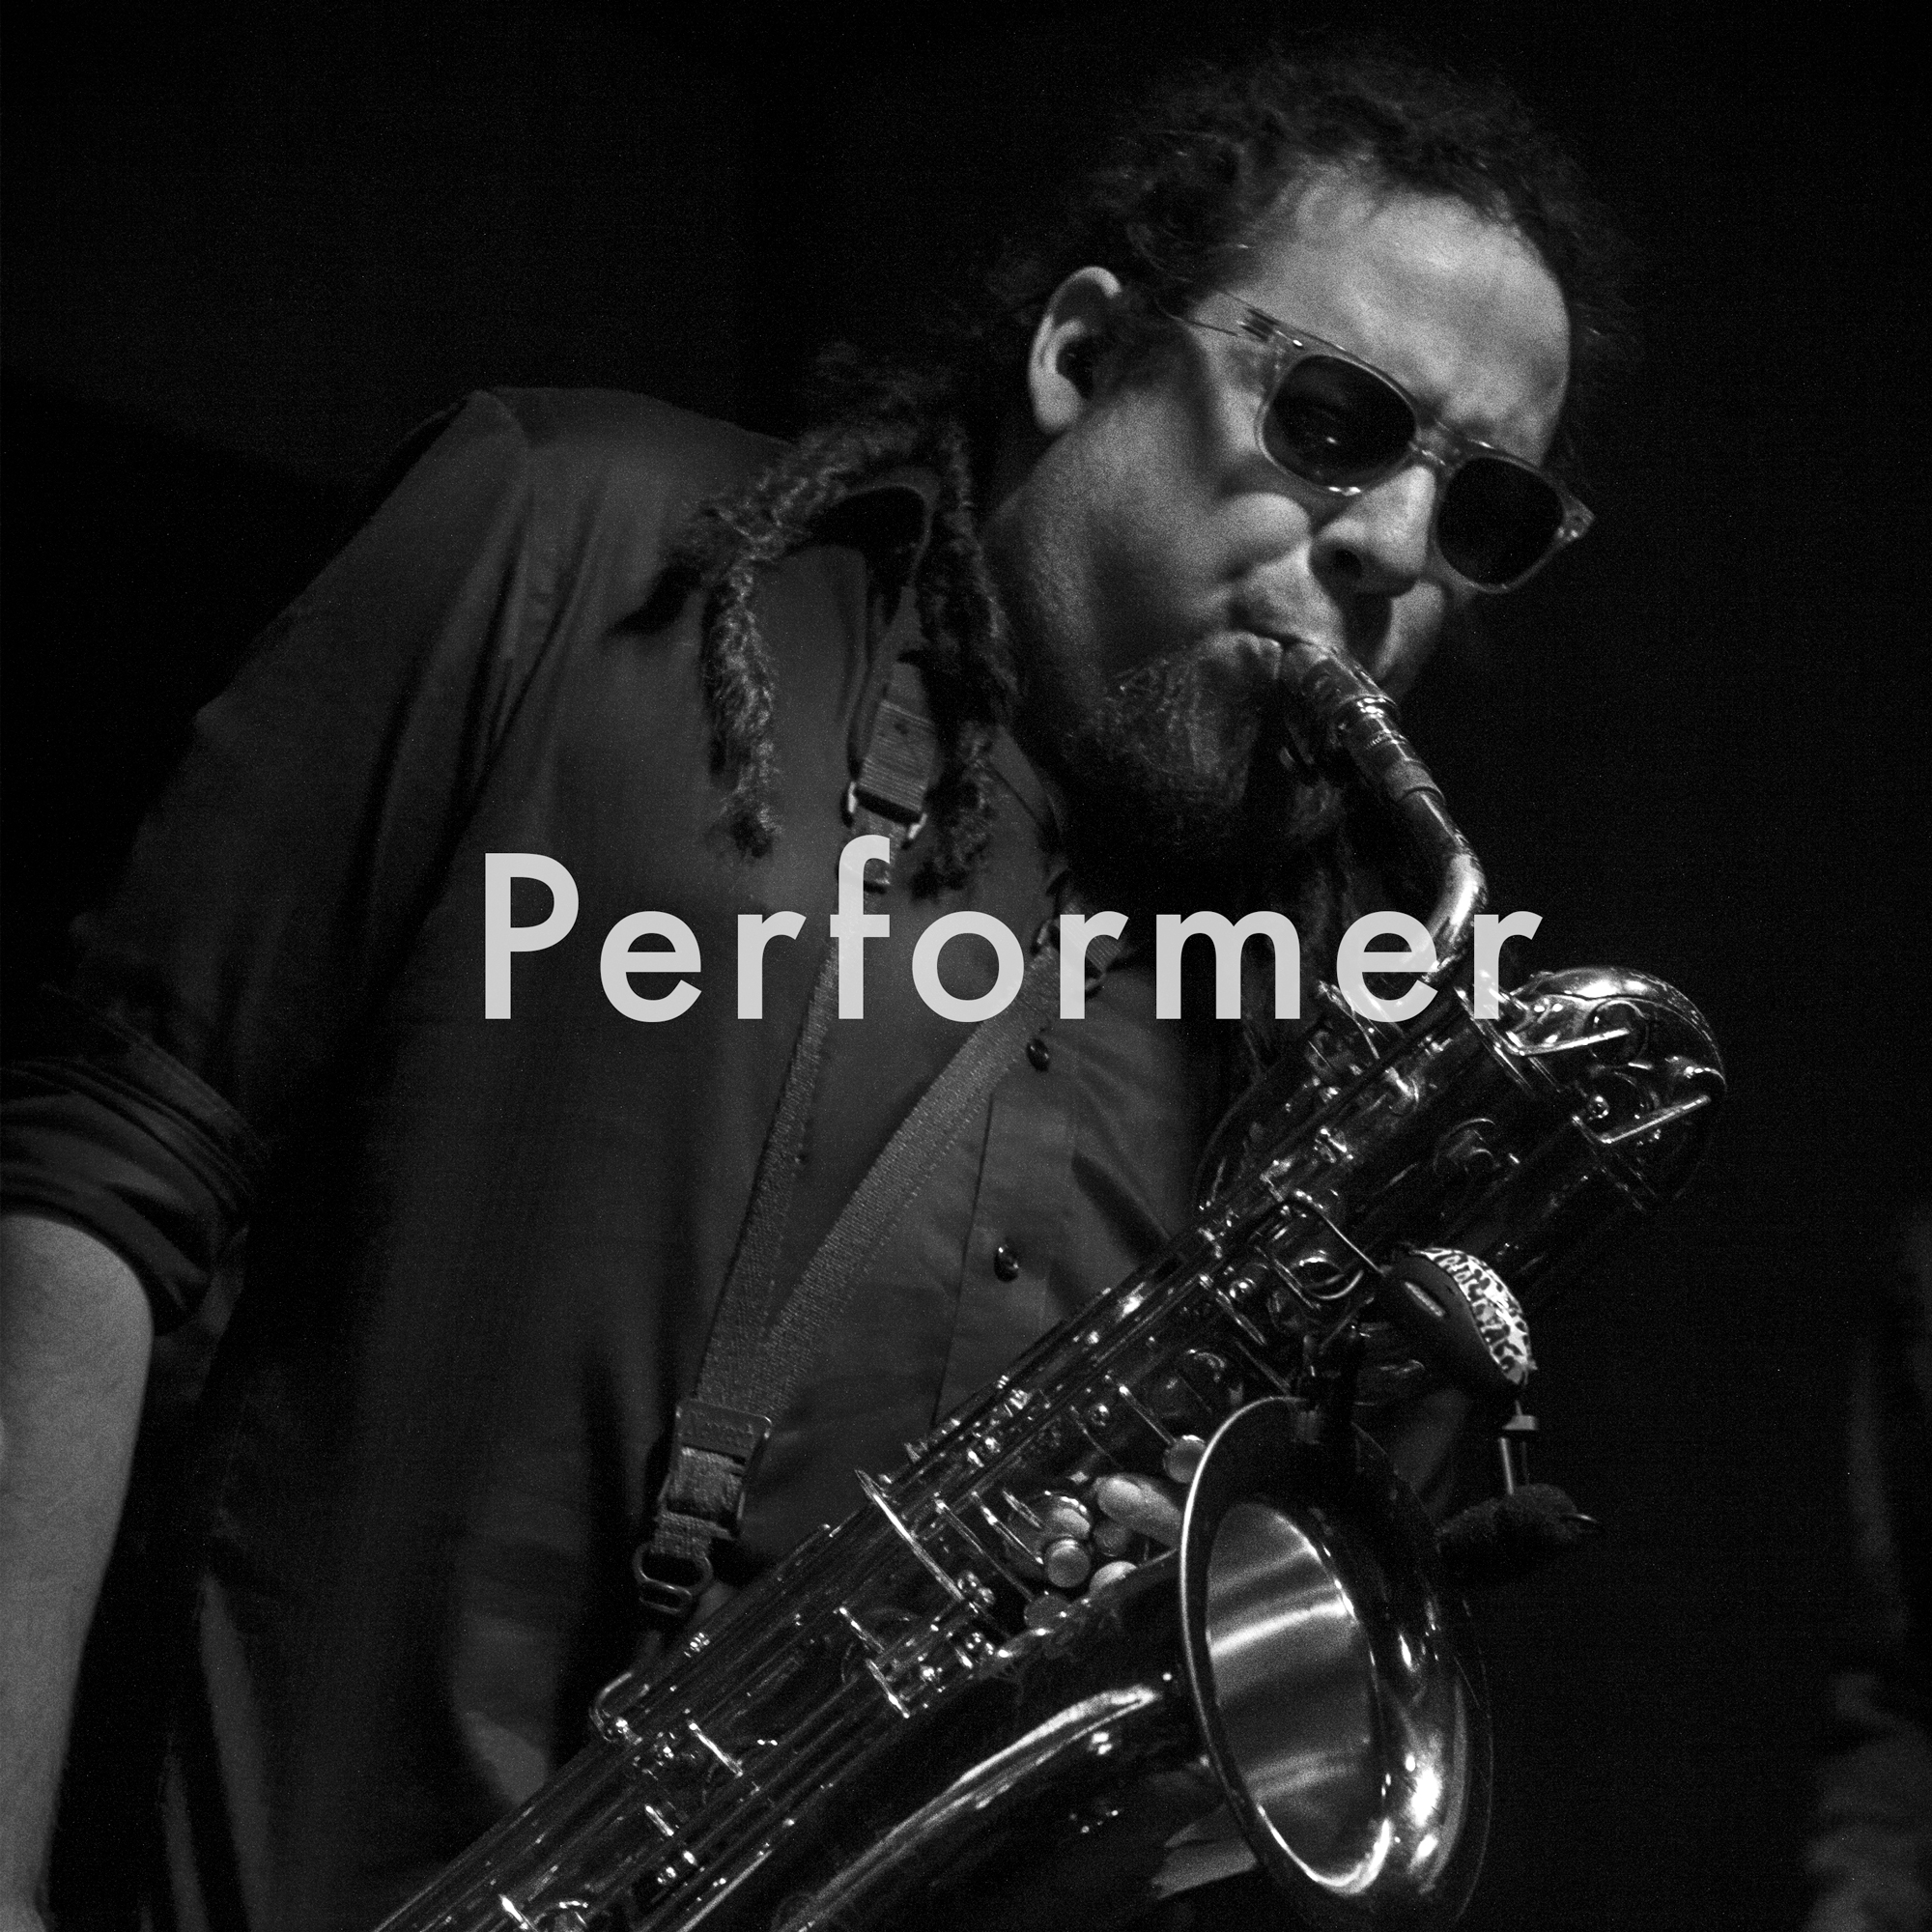 Mike_Performer.jpg